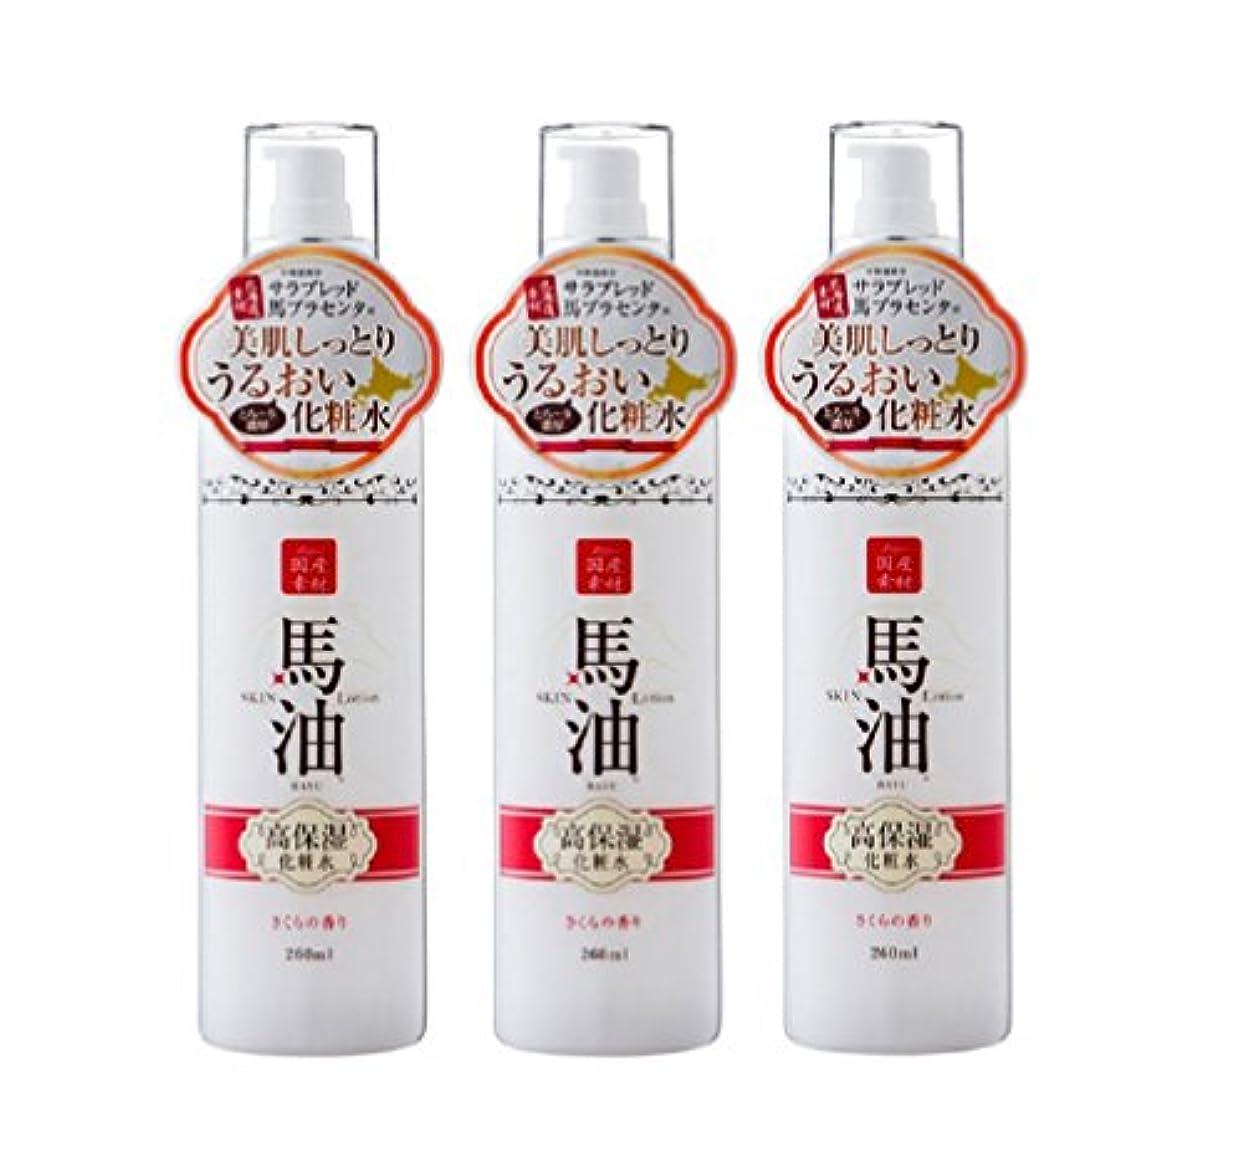 公平なシガレット立証するリシャン 馬油化粧水 さくらの香り 260ml×3本セット